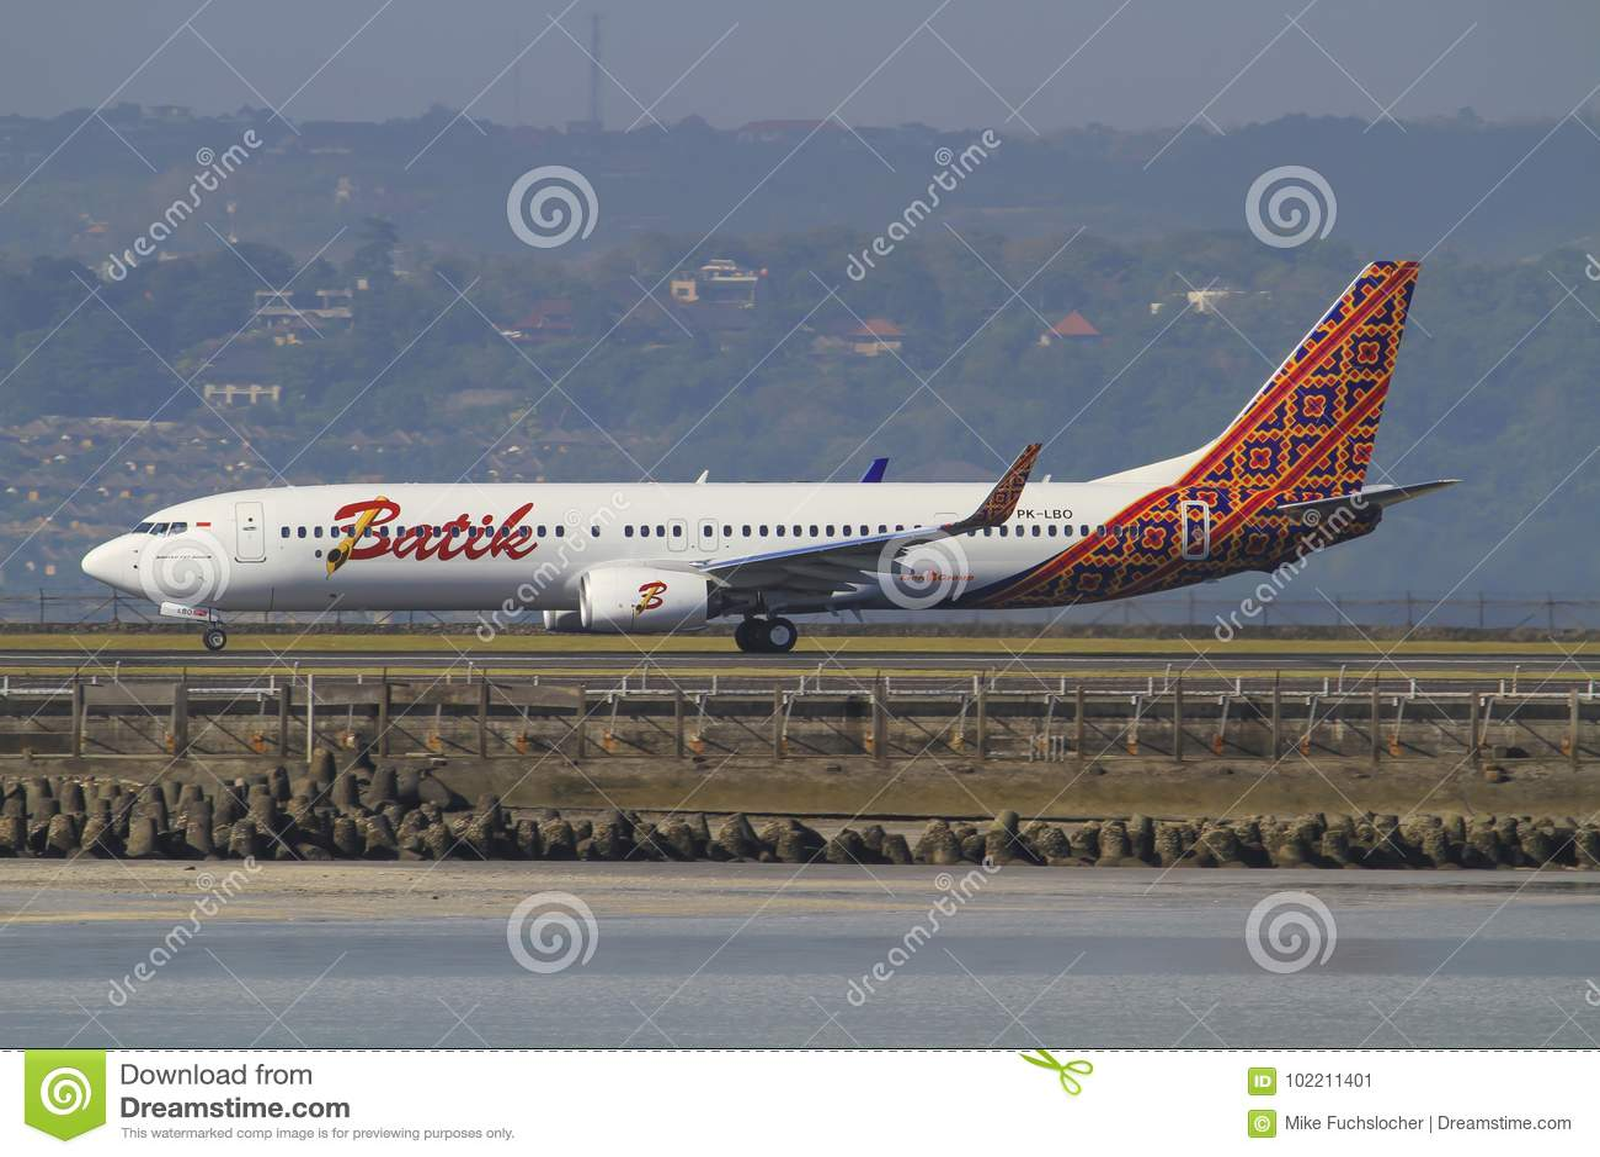 Aeroporto Bali : Aeroporto di bali fotografia editoriale immagine di boeing